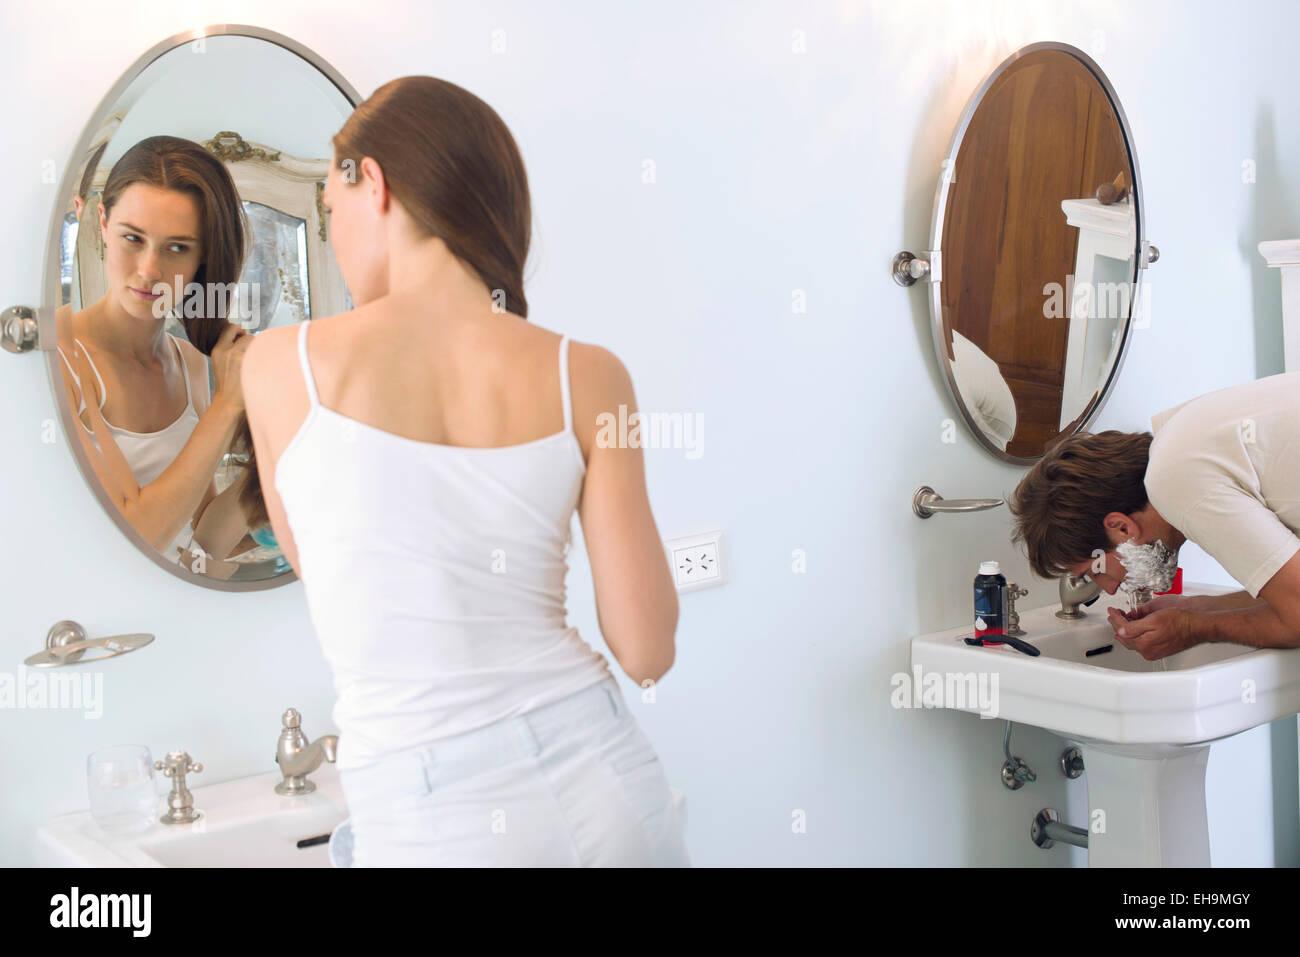 Woman brushing hair, husband shaving - Stock Image